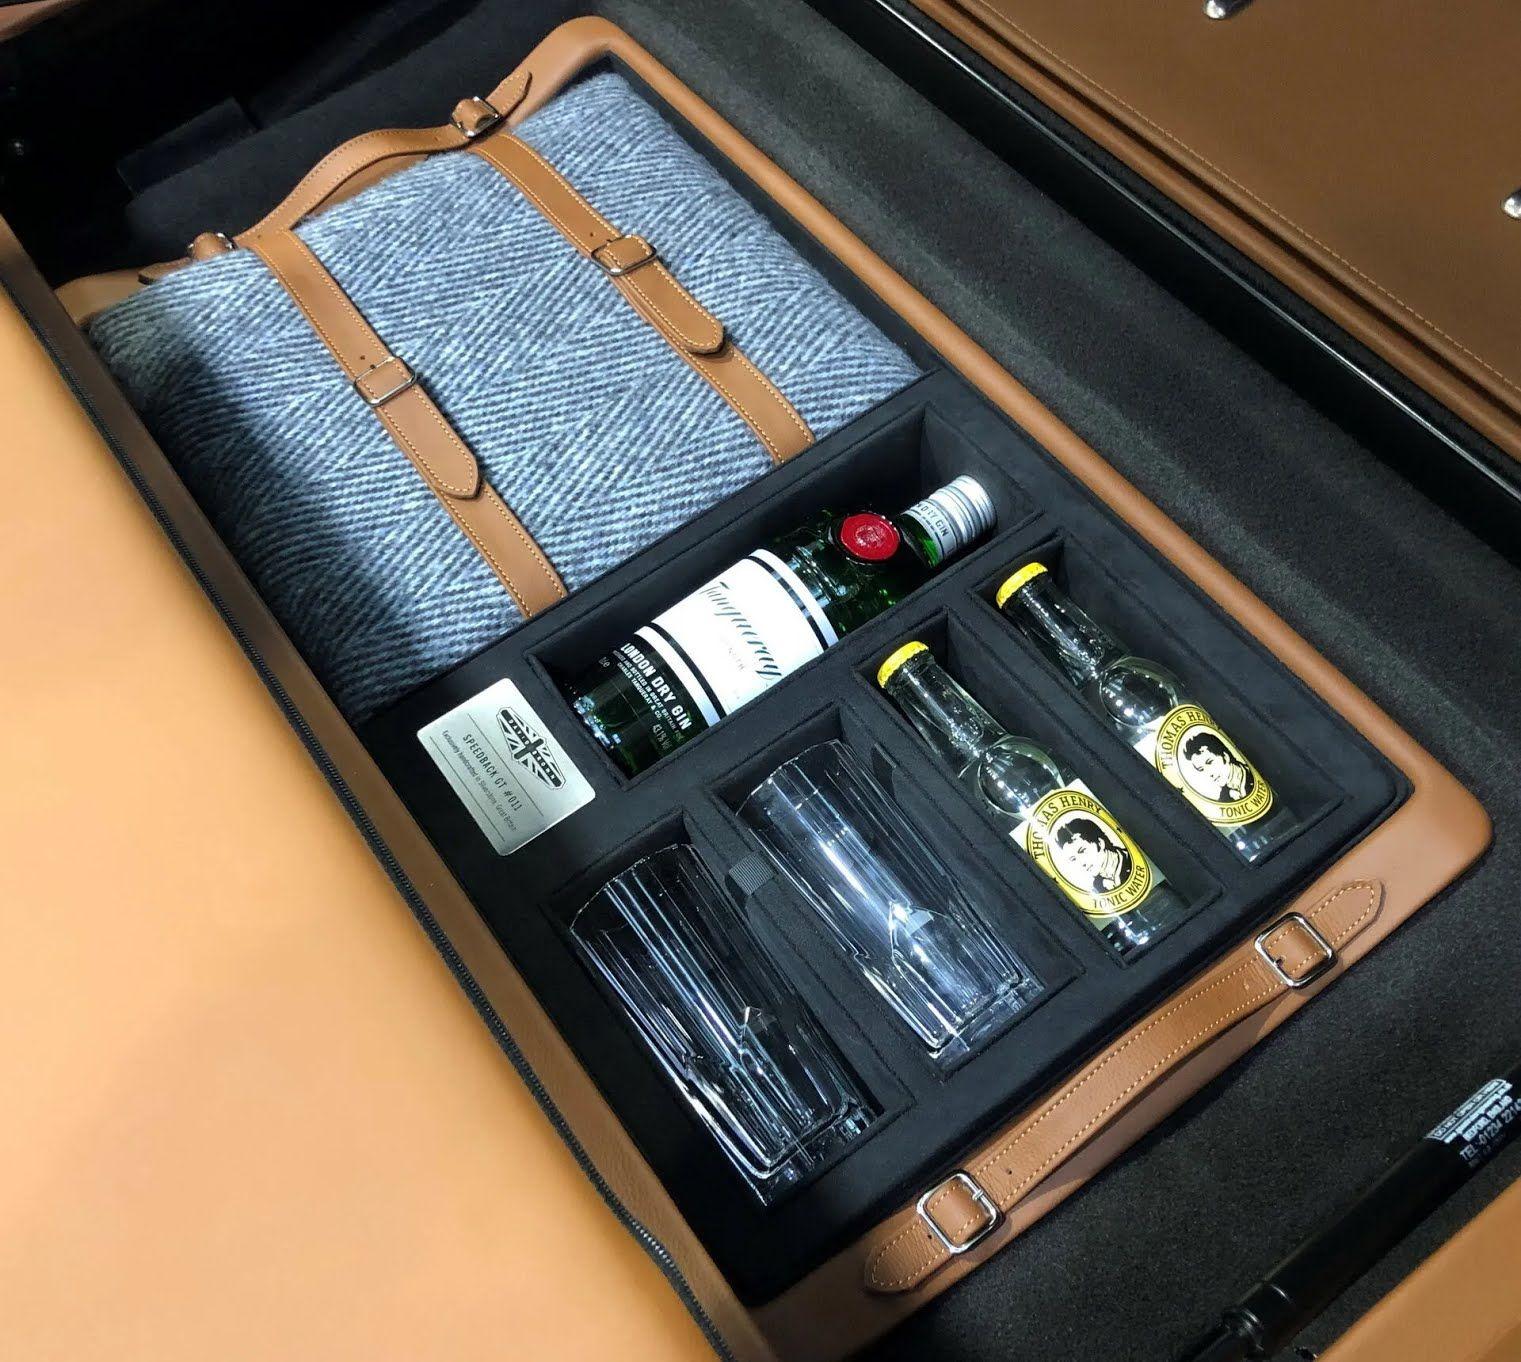 В багажнике можно обнаружить набор аксессуаров для любителей джин-тоника